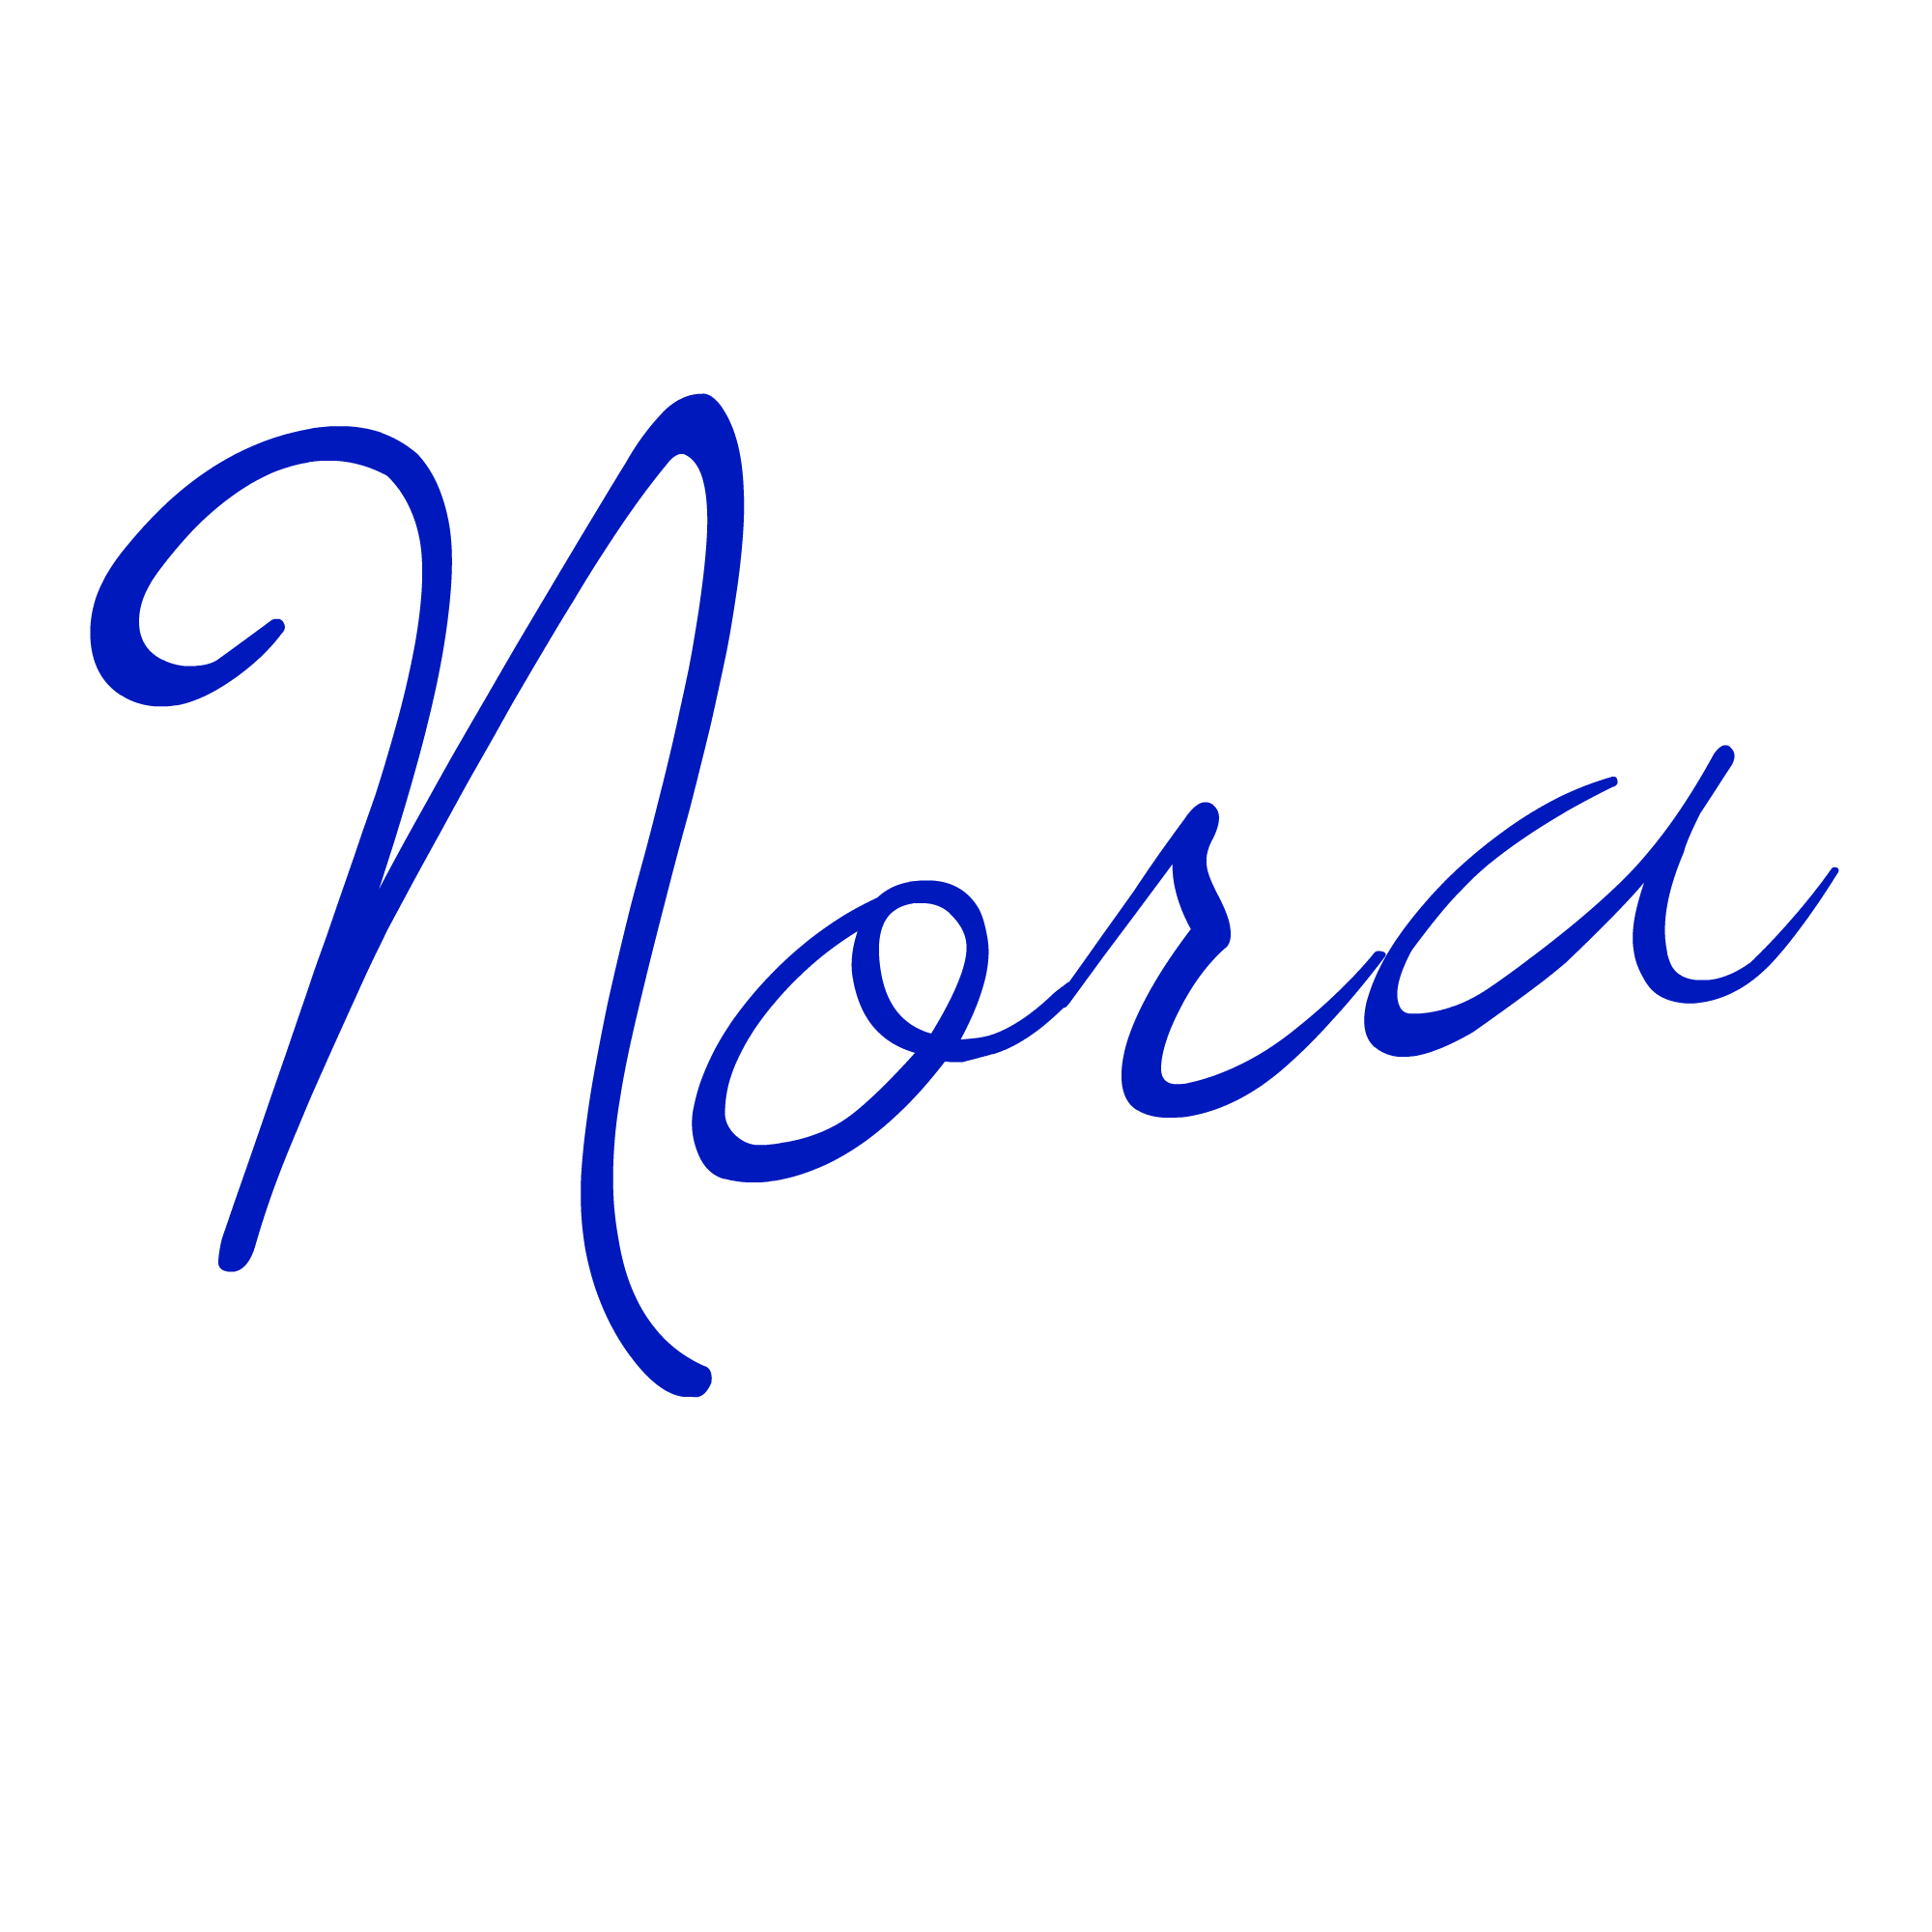 Nora_Signatue_Blue